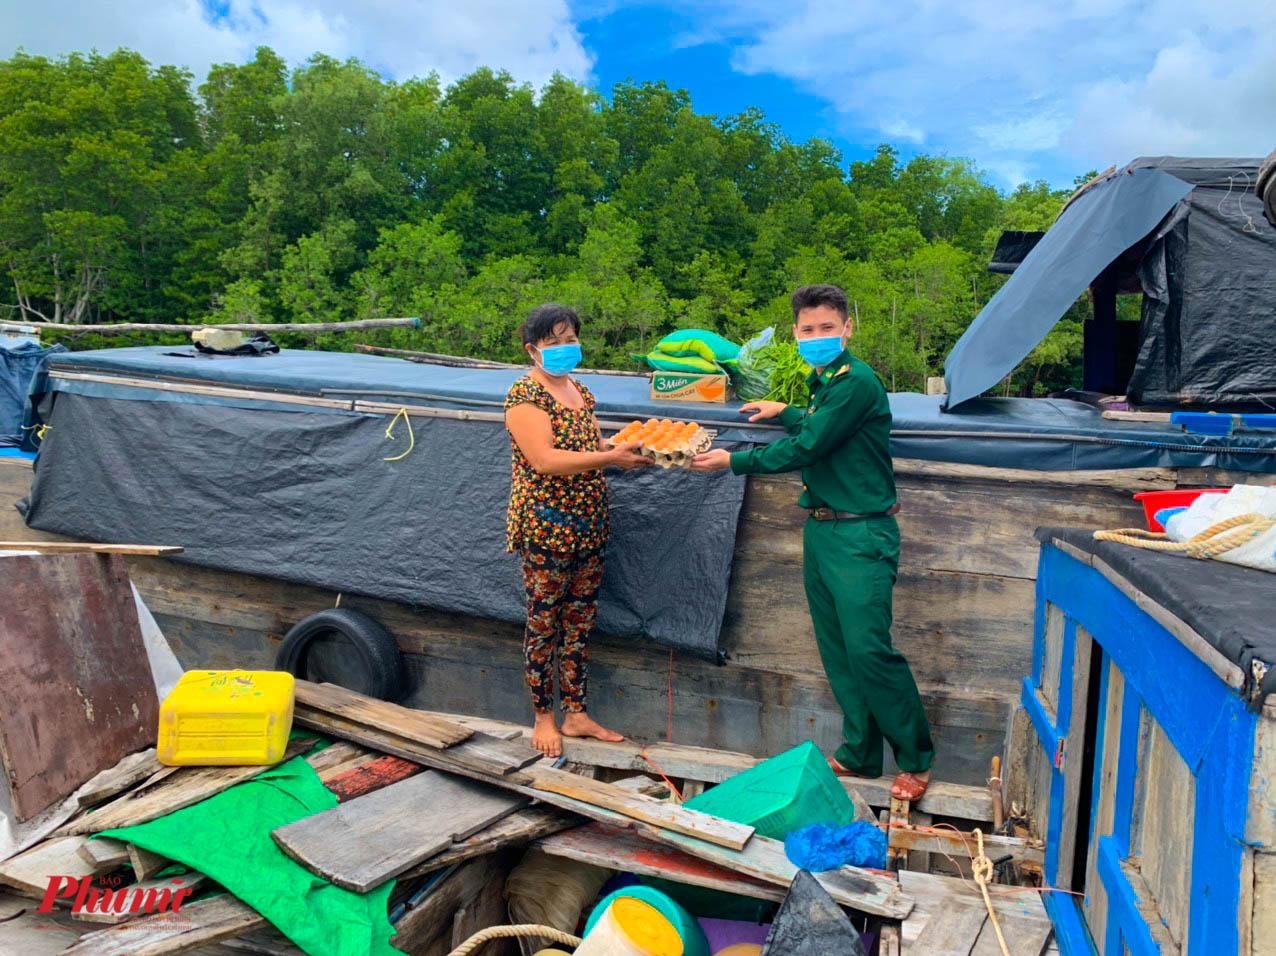 Các ngư dân vưi mừng khi được tiếp tế lương thực sau nhiều tháng không được ra khơi